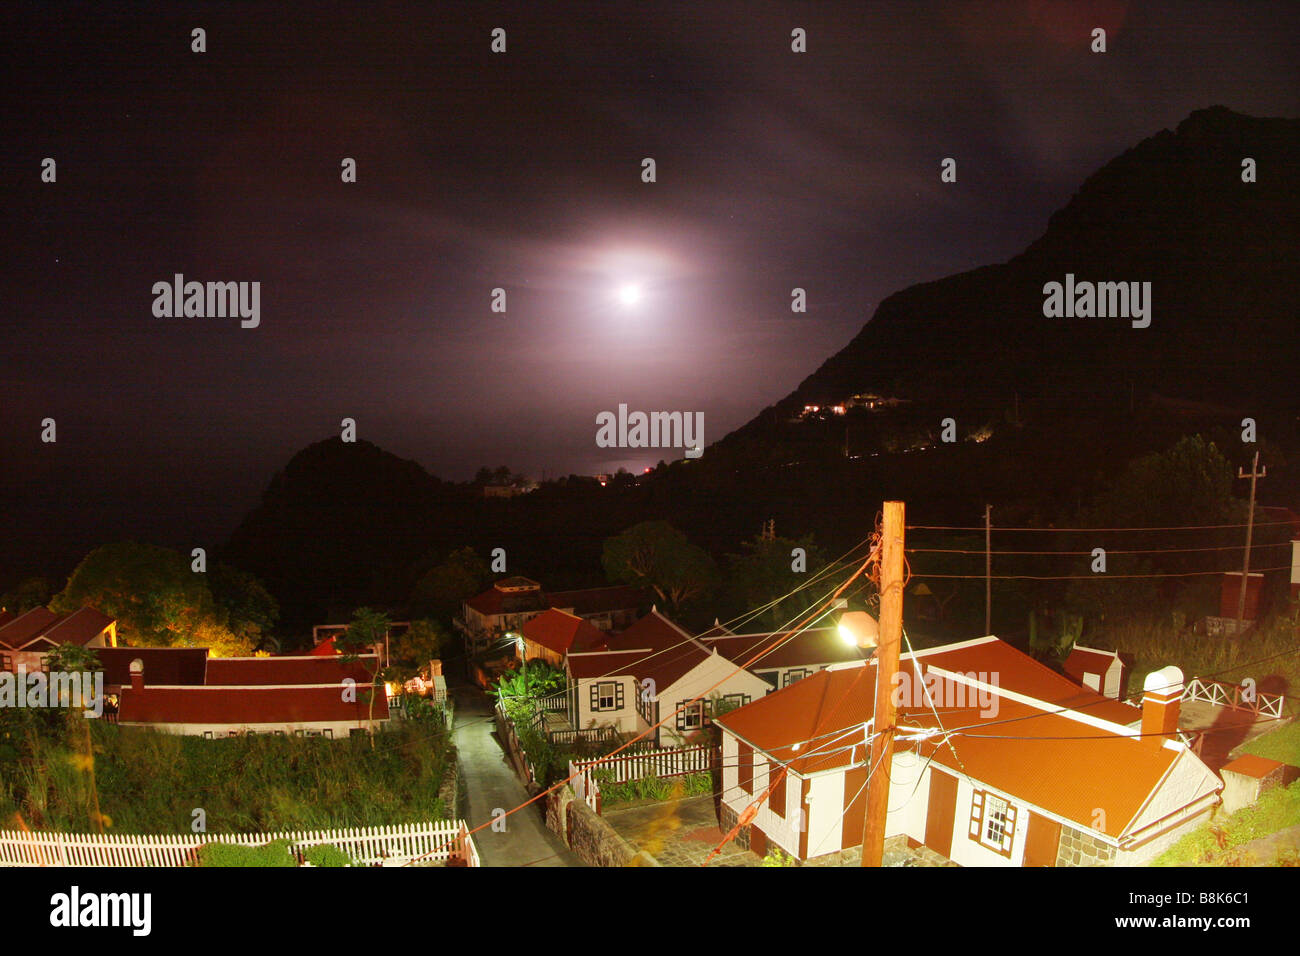 Nightly sky over the village Windwardside on the Caribbean isle Saba - Stock Image